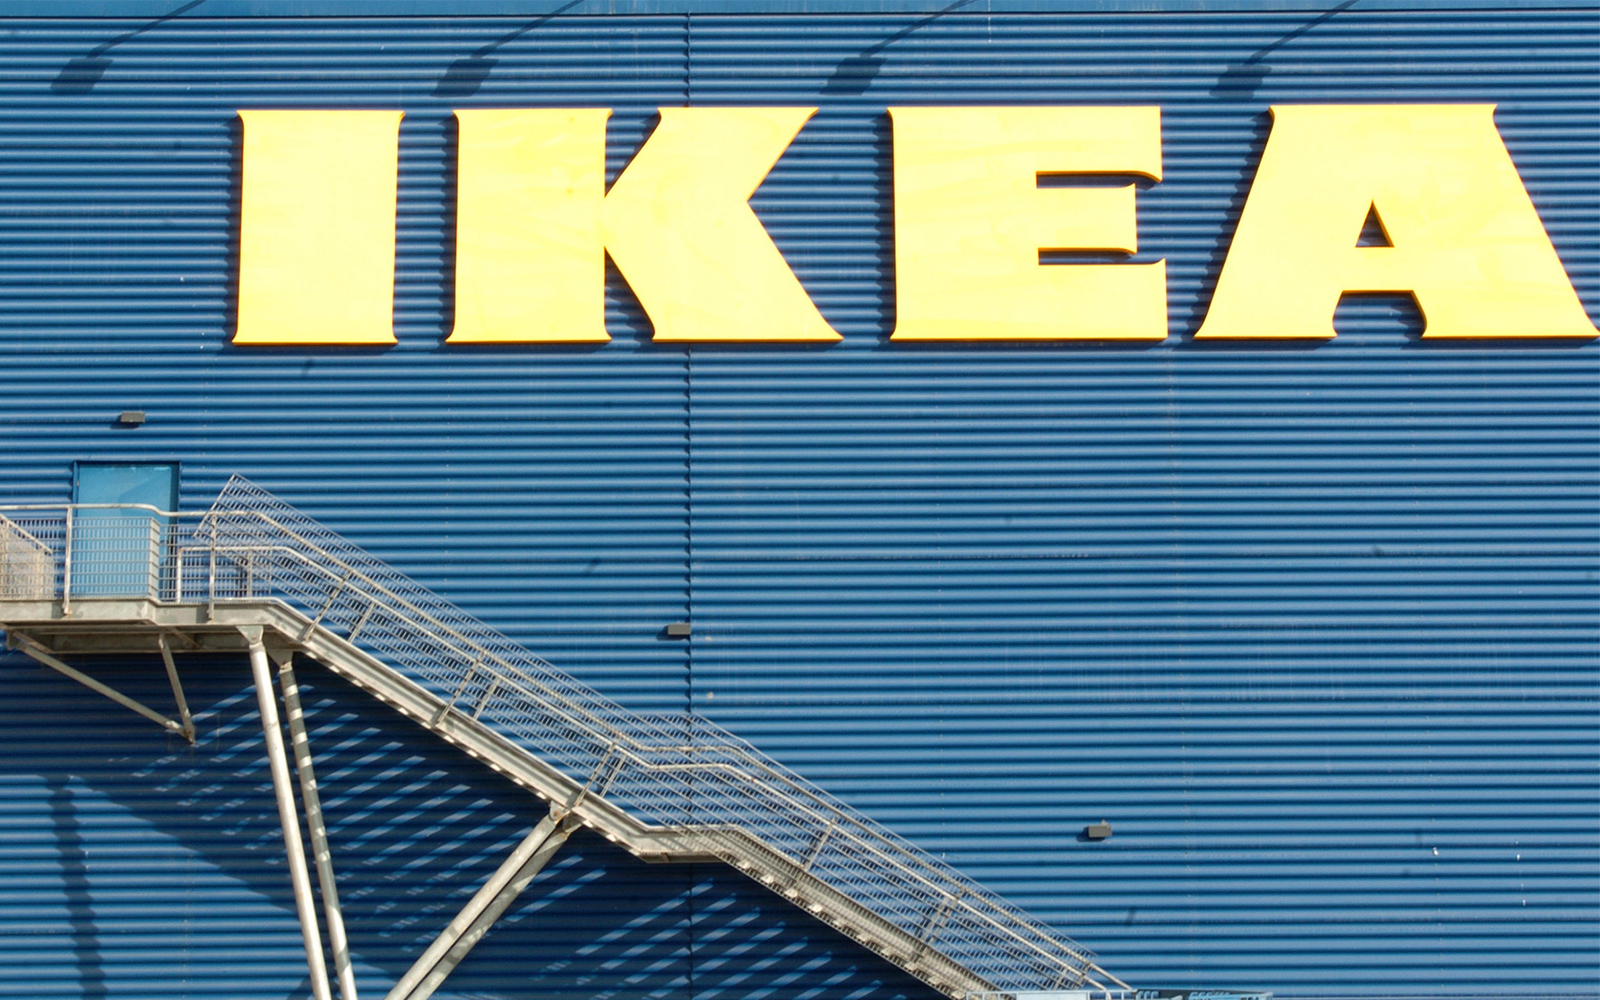 IKEA Israel to eliminate single-use plastics at start of ...